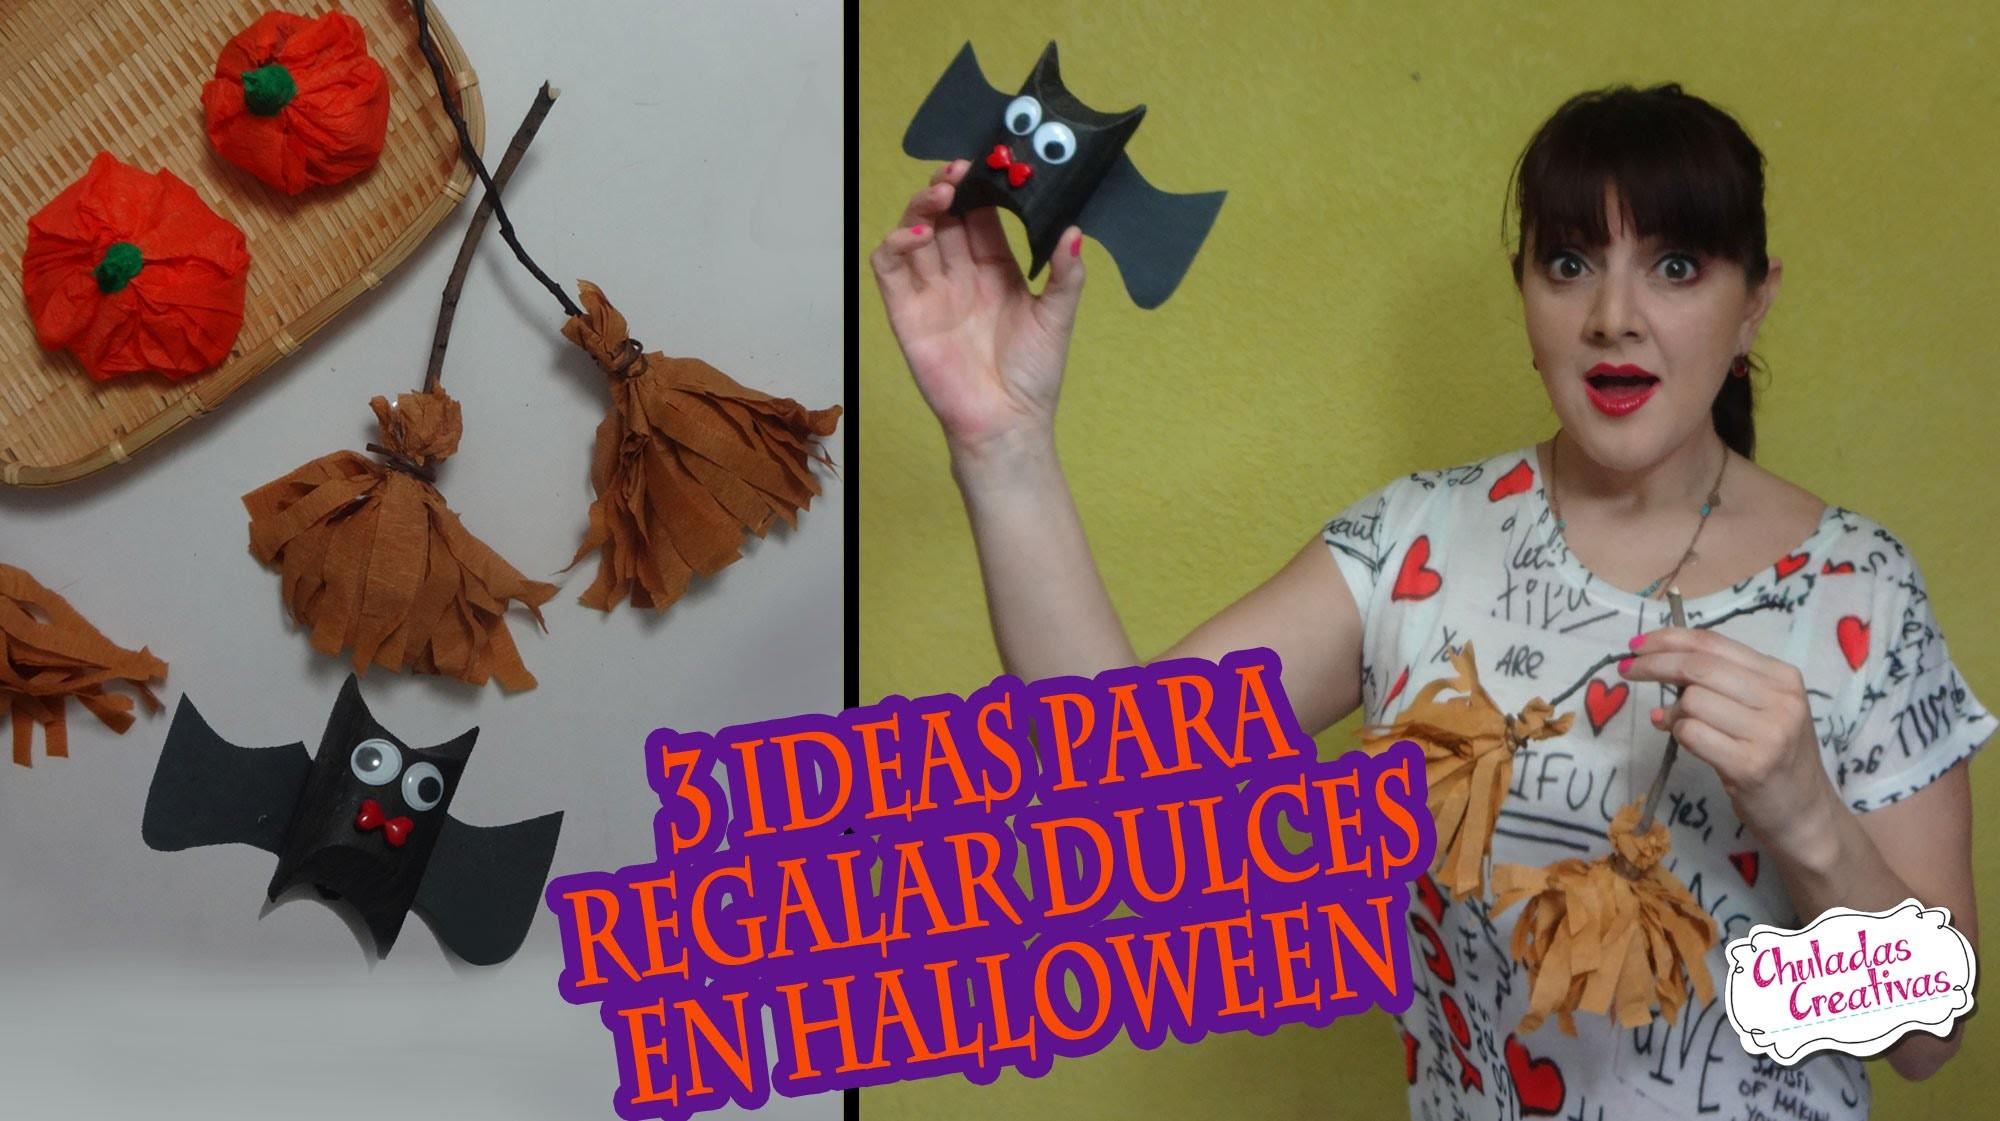 3 ideas para regalar dulces en Halloween :: Chuladas Creativas